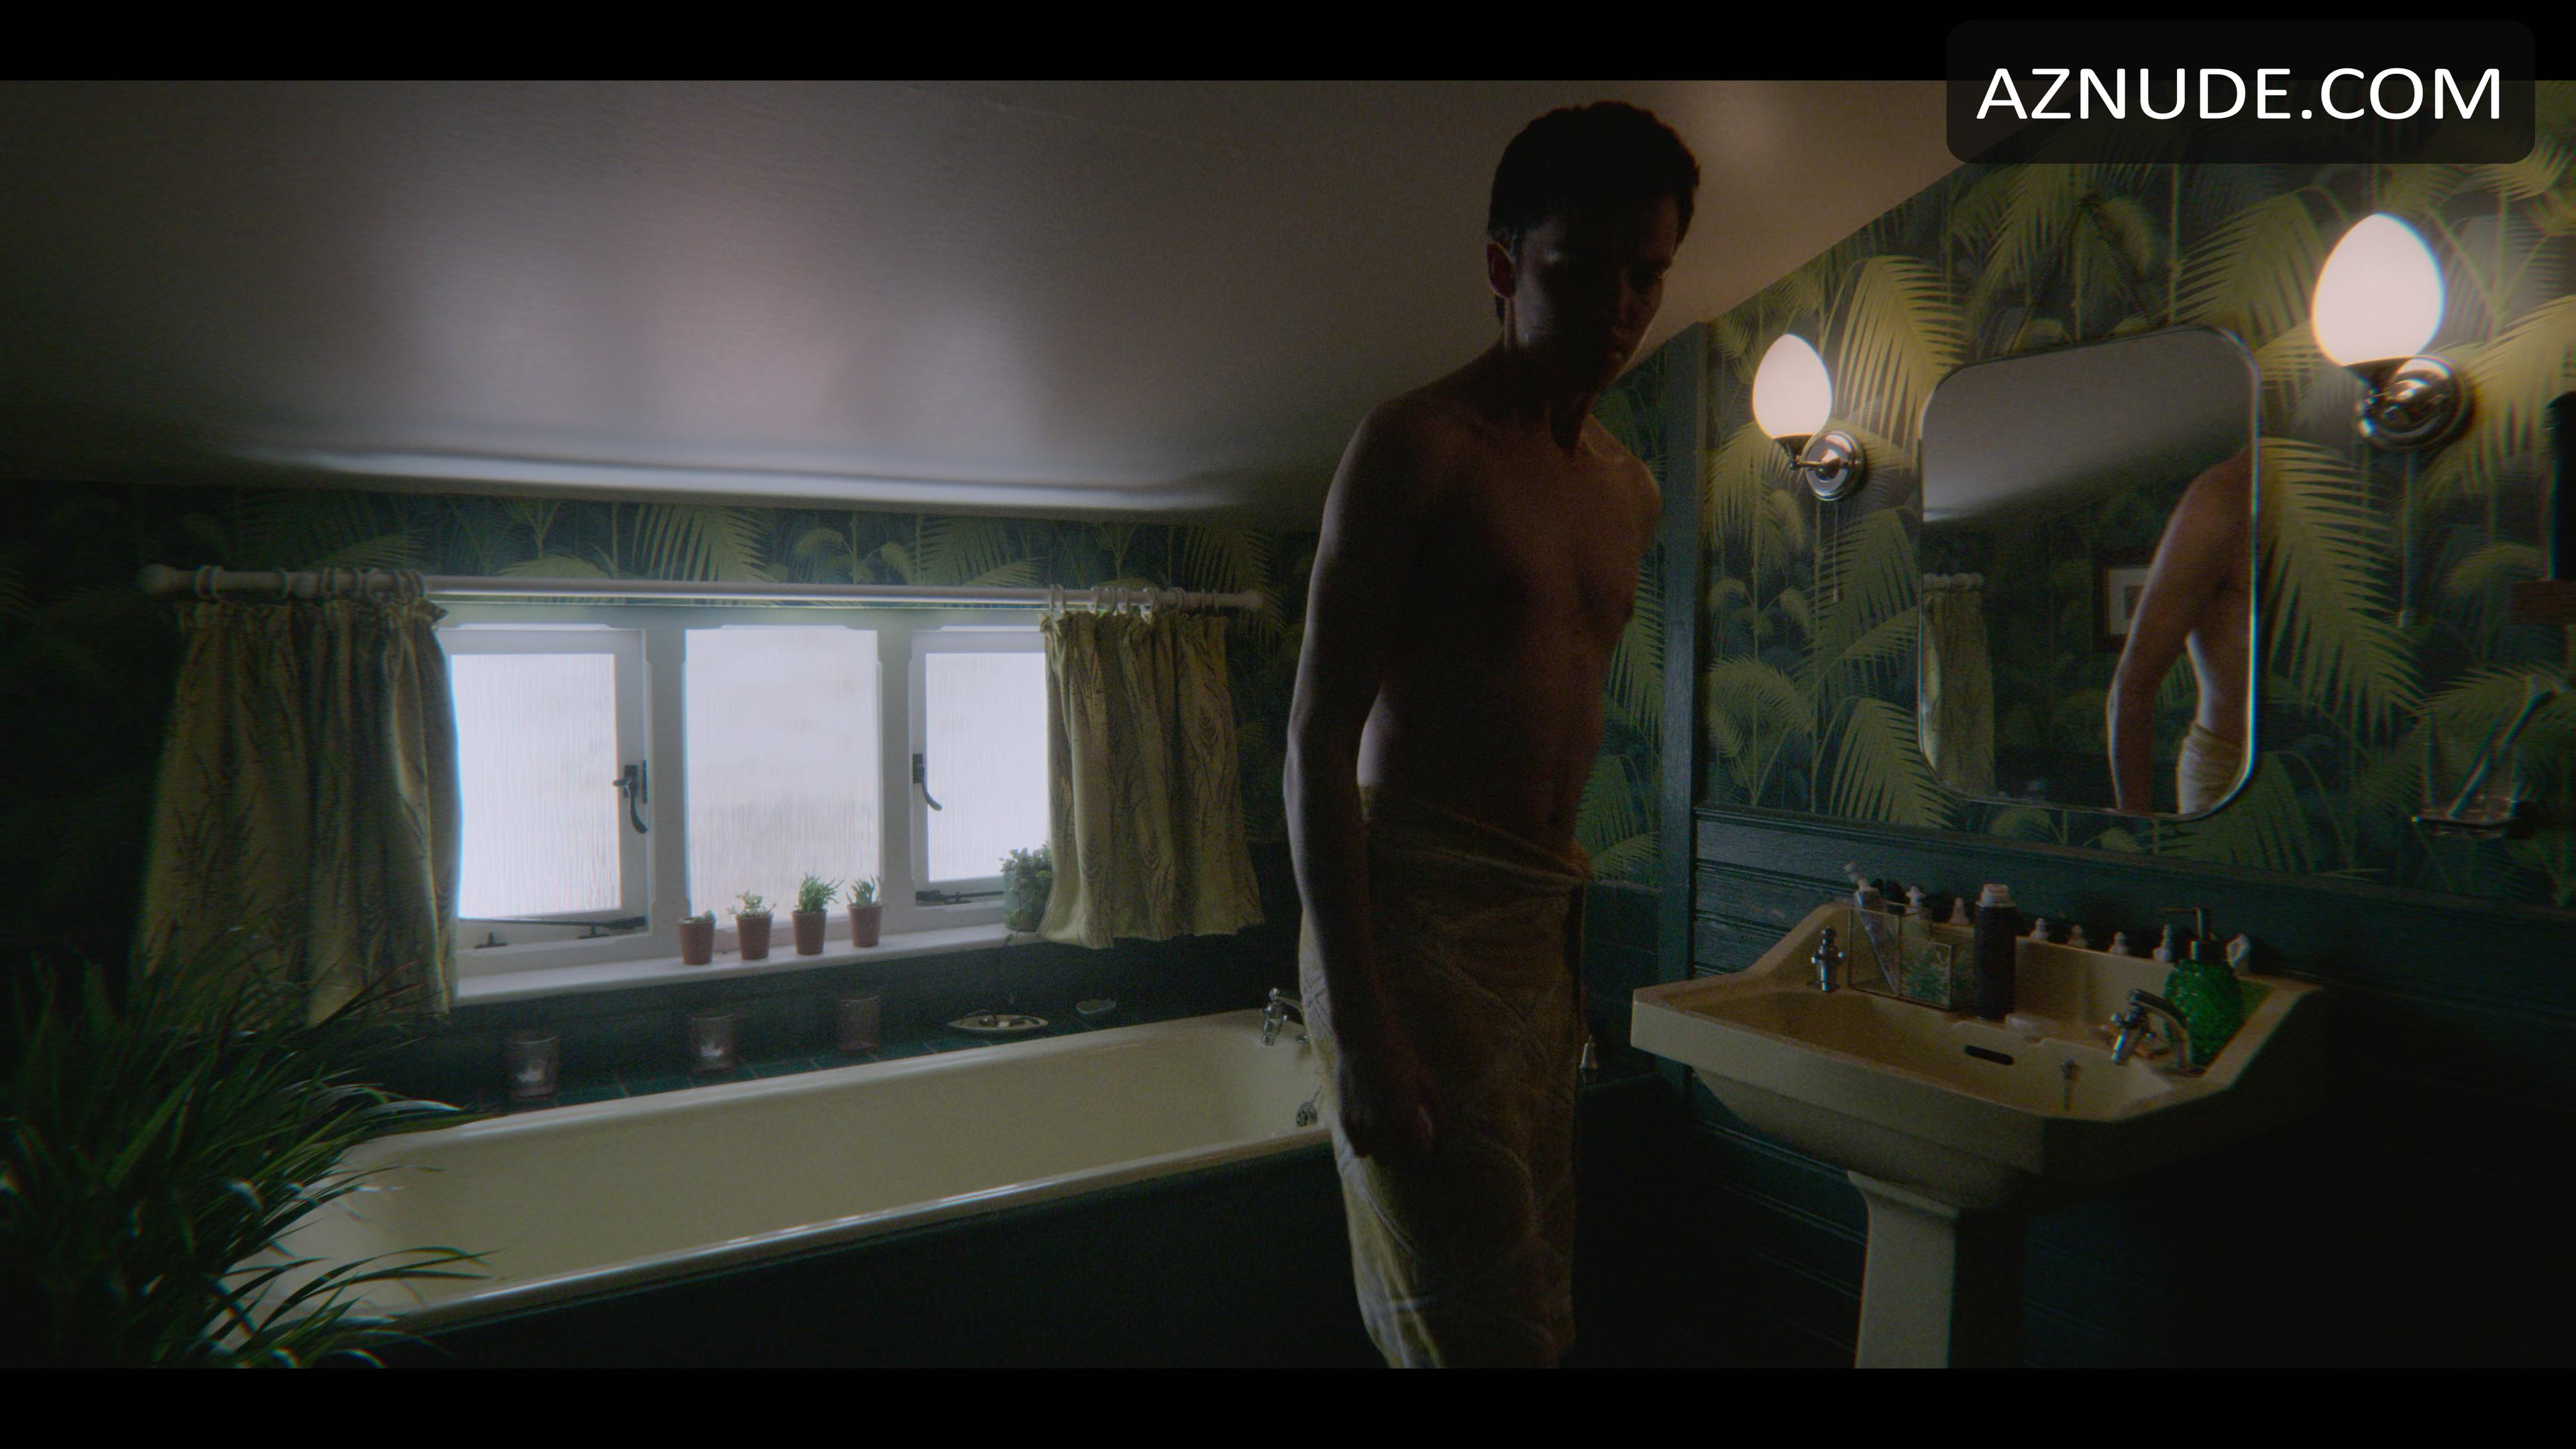 Butterfield nude asa Nude Asa